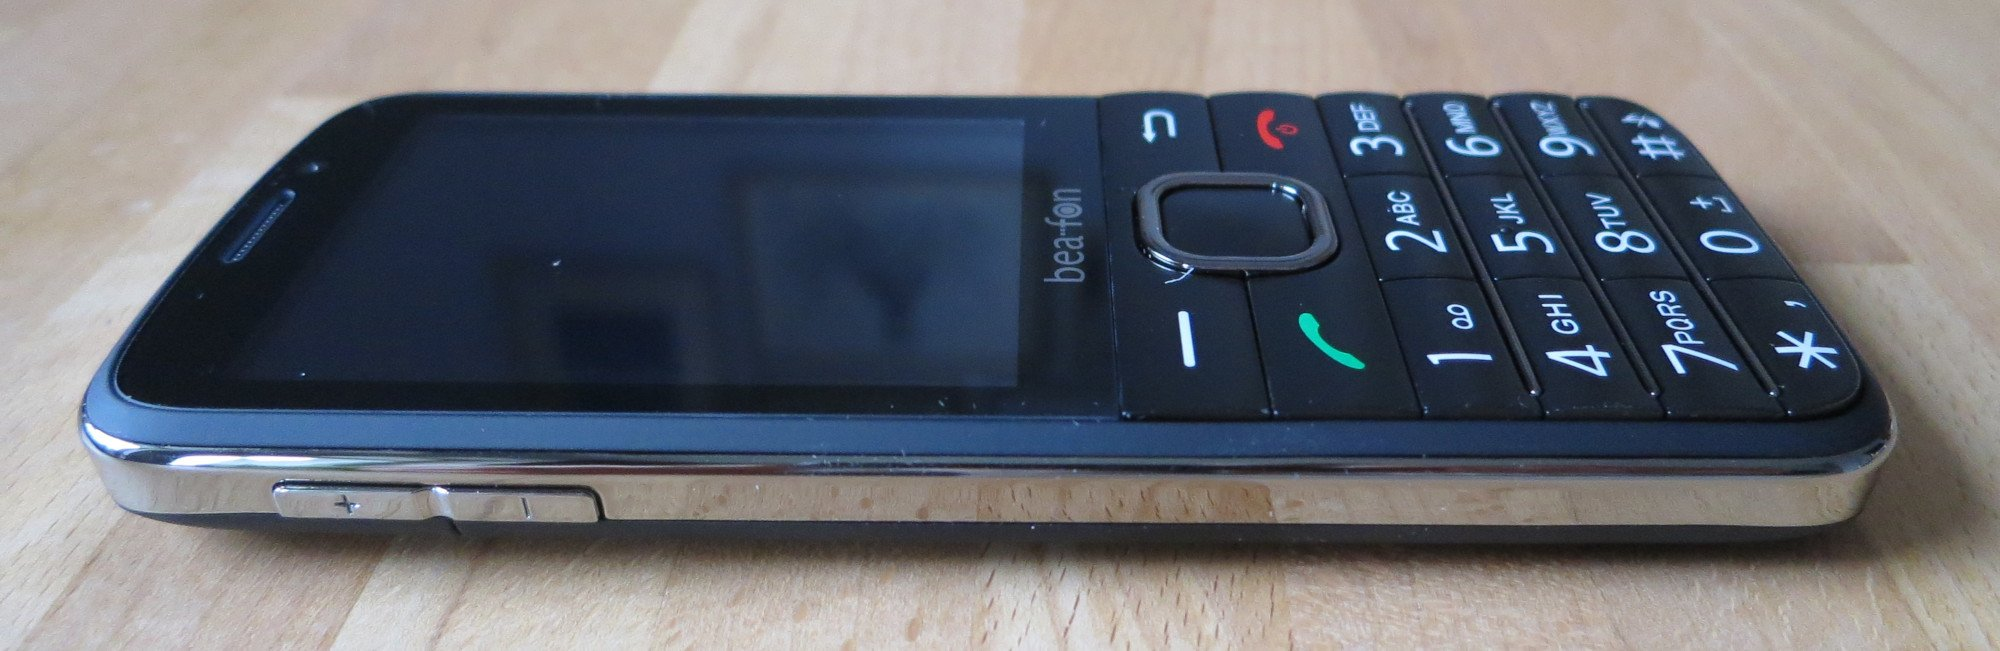 Das Senioren-Smartphone Bea-fon SL820 bringt Internet aufs Gerät, ist aber noch nicht ganz smart (Bild: Peter Giesecke)